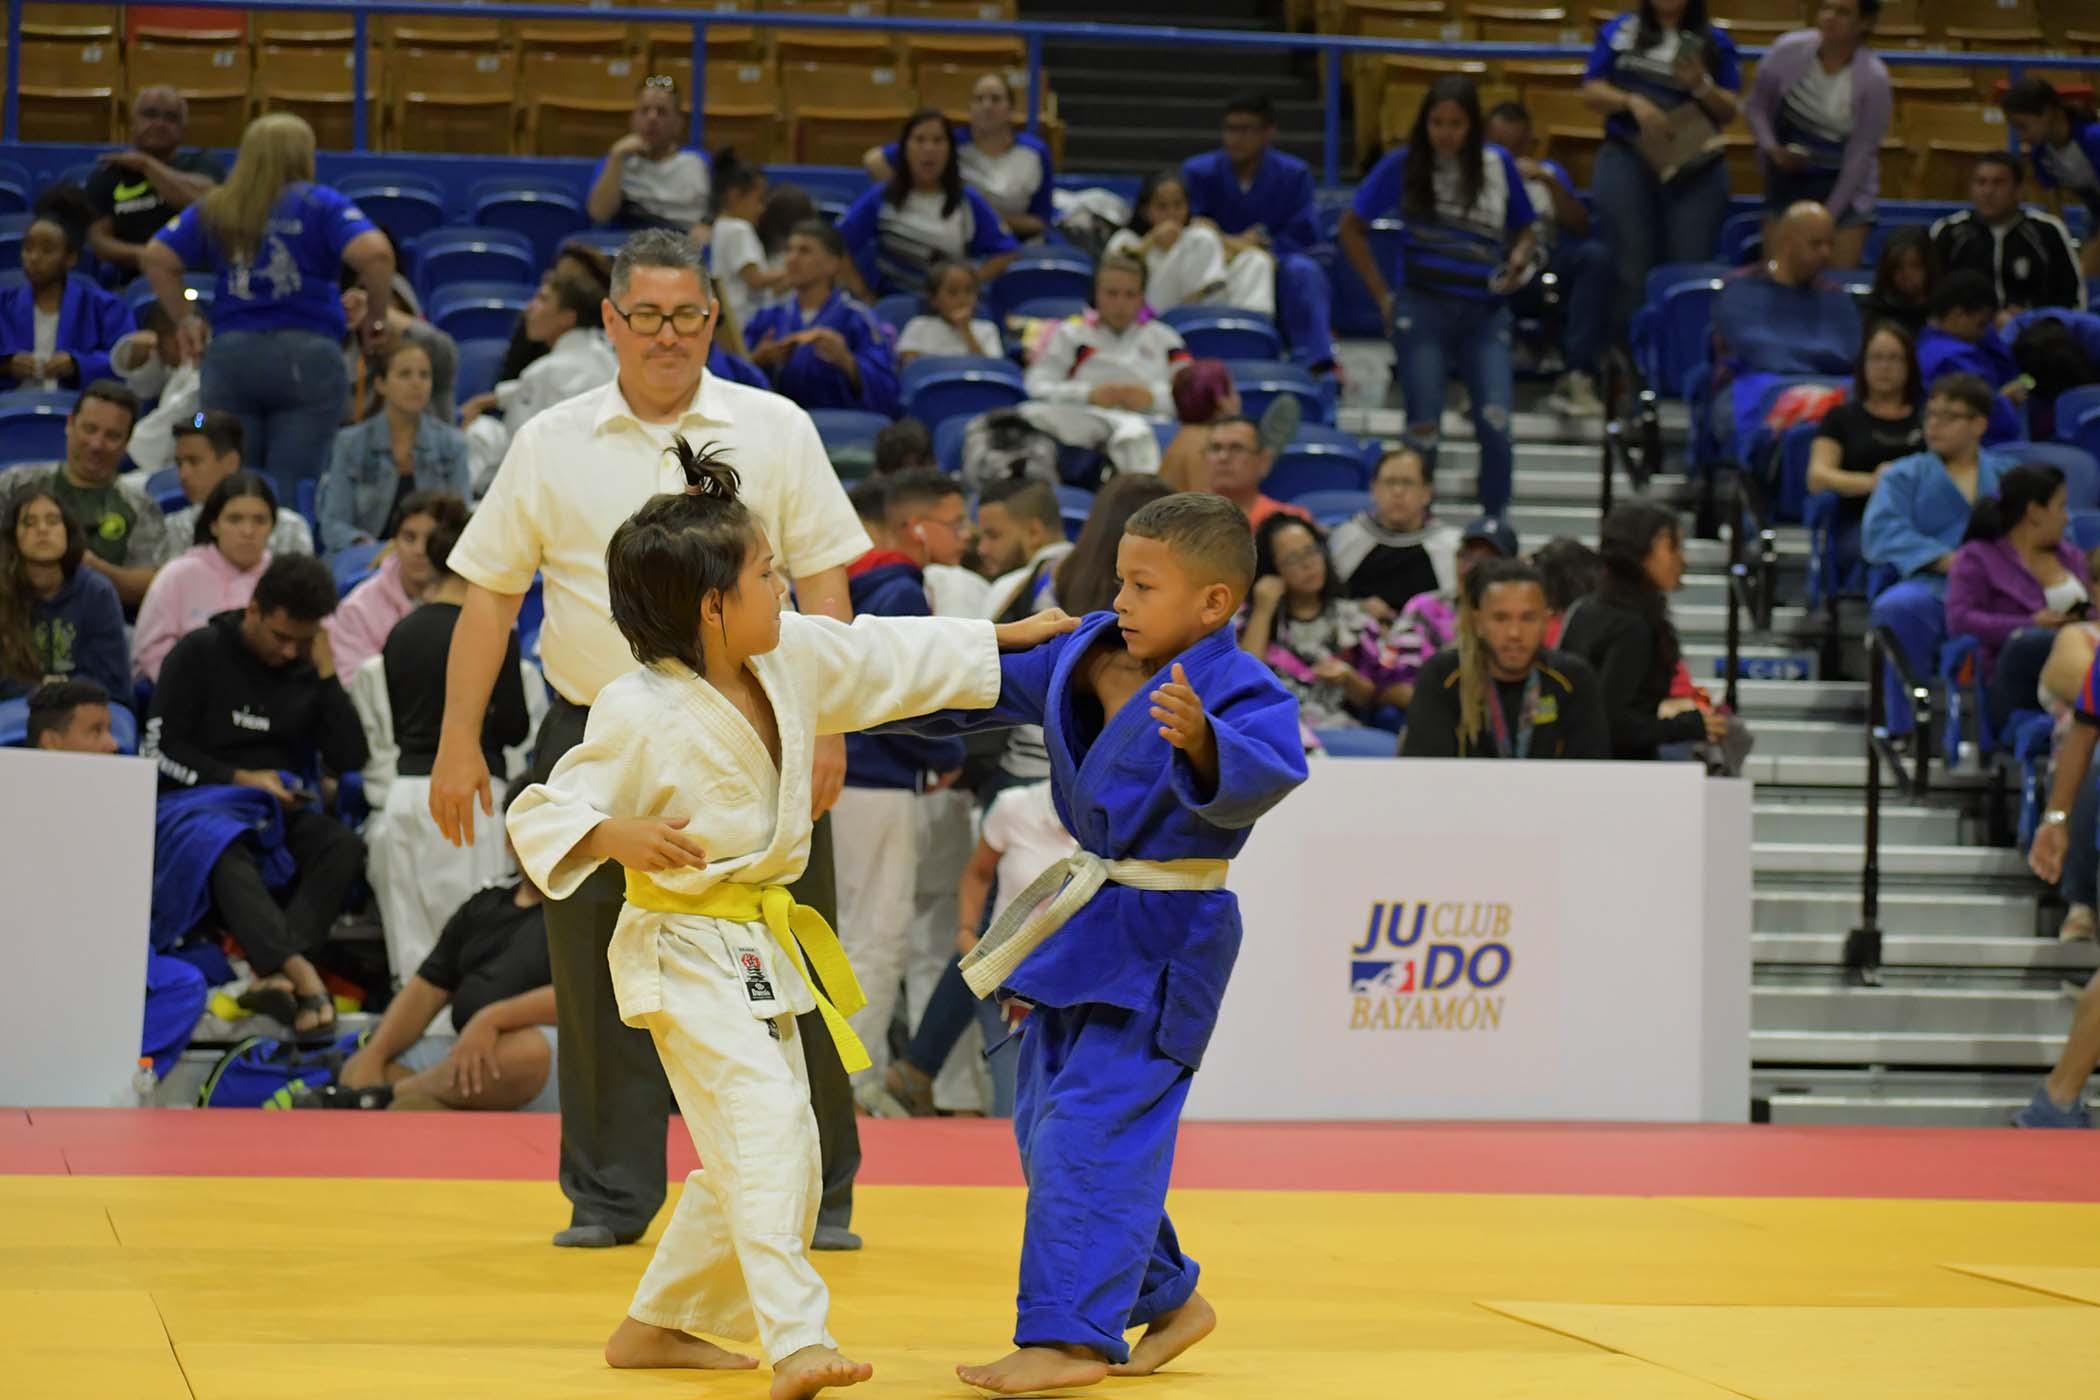 Competencia-JUDO-2019-60